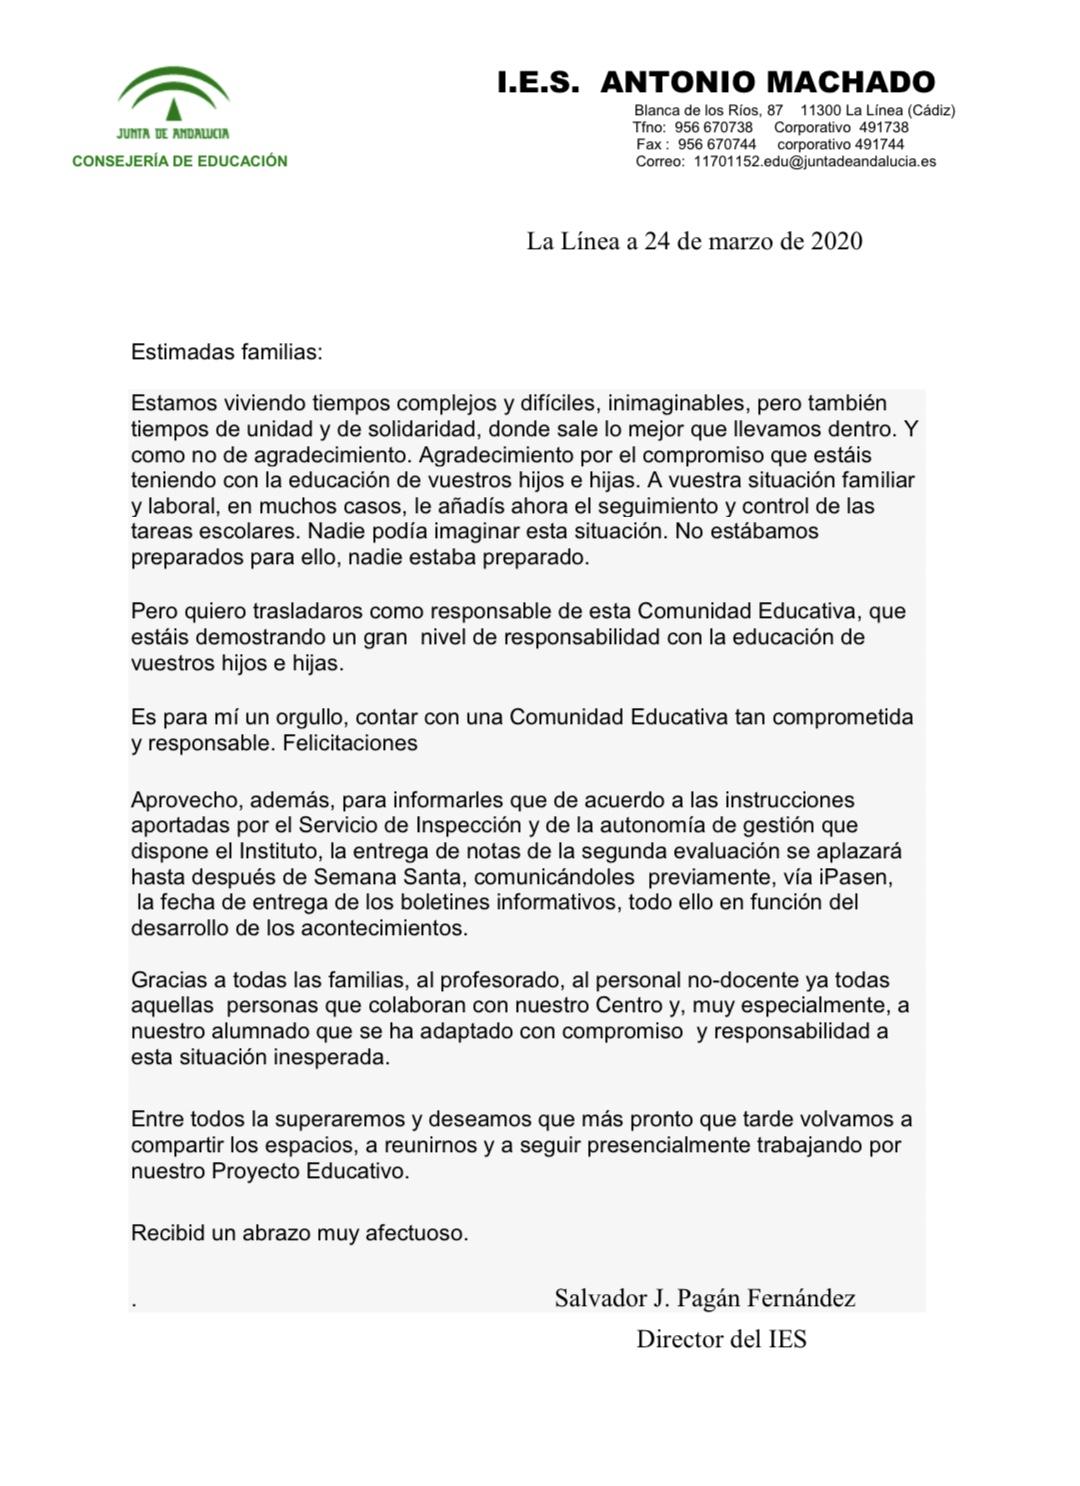 Imagen de la noticia: Carta a las Familias de la Dirección  [Actualizado]